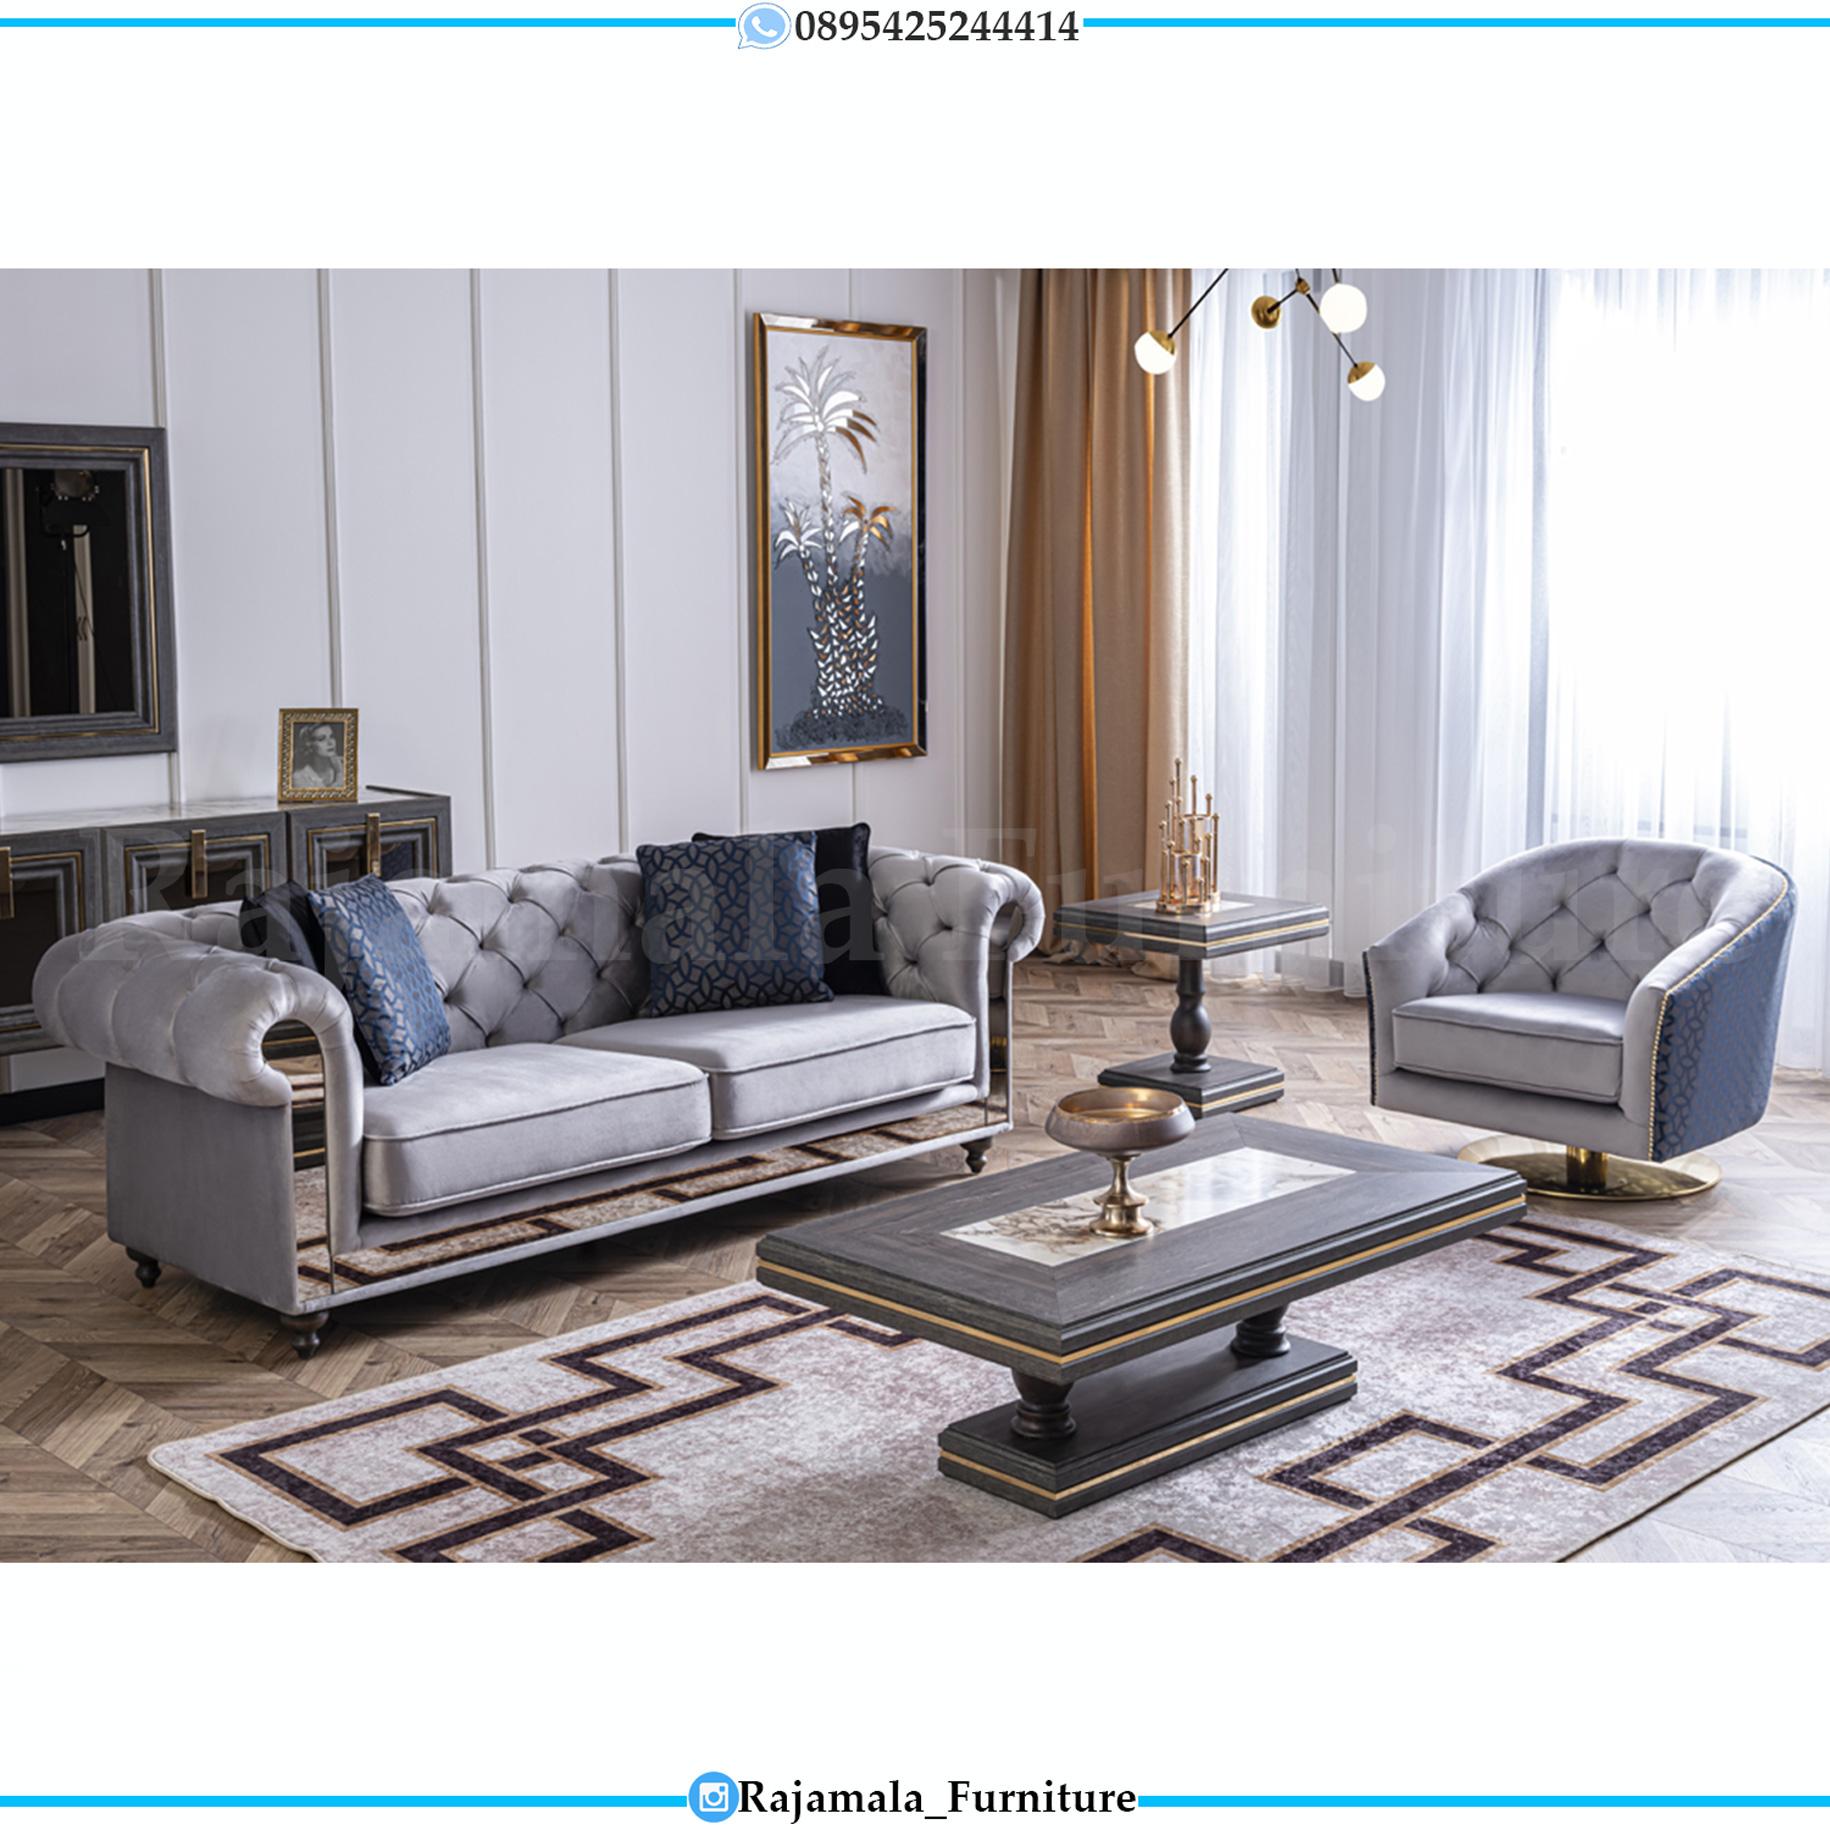 Harga Sofa Ruang Tamu Minimalis Luxury Terbaru Furniture Jepara RM-0150